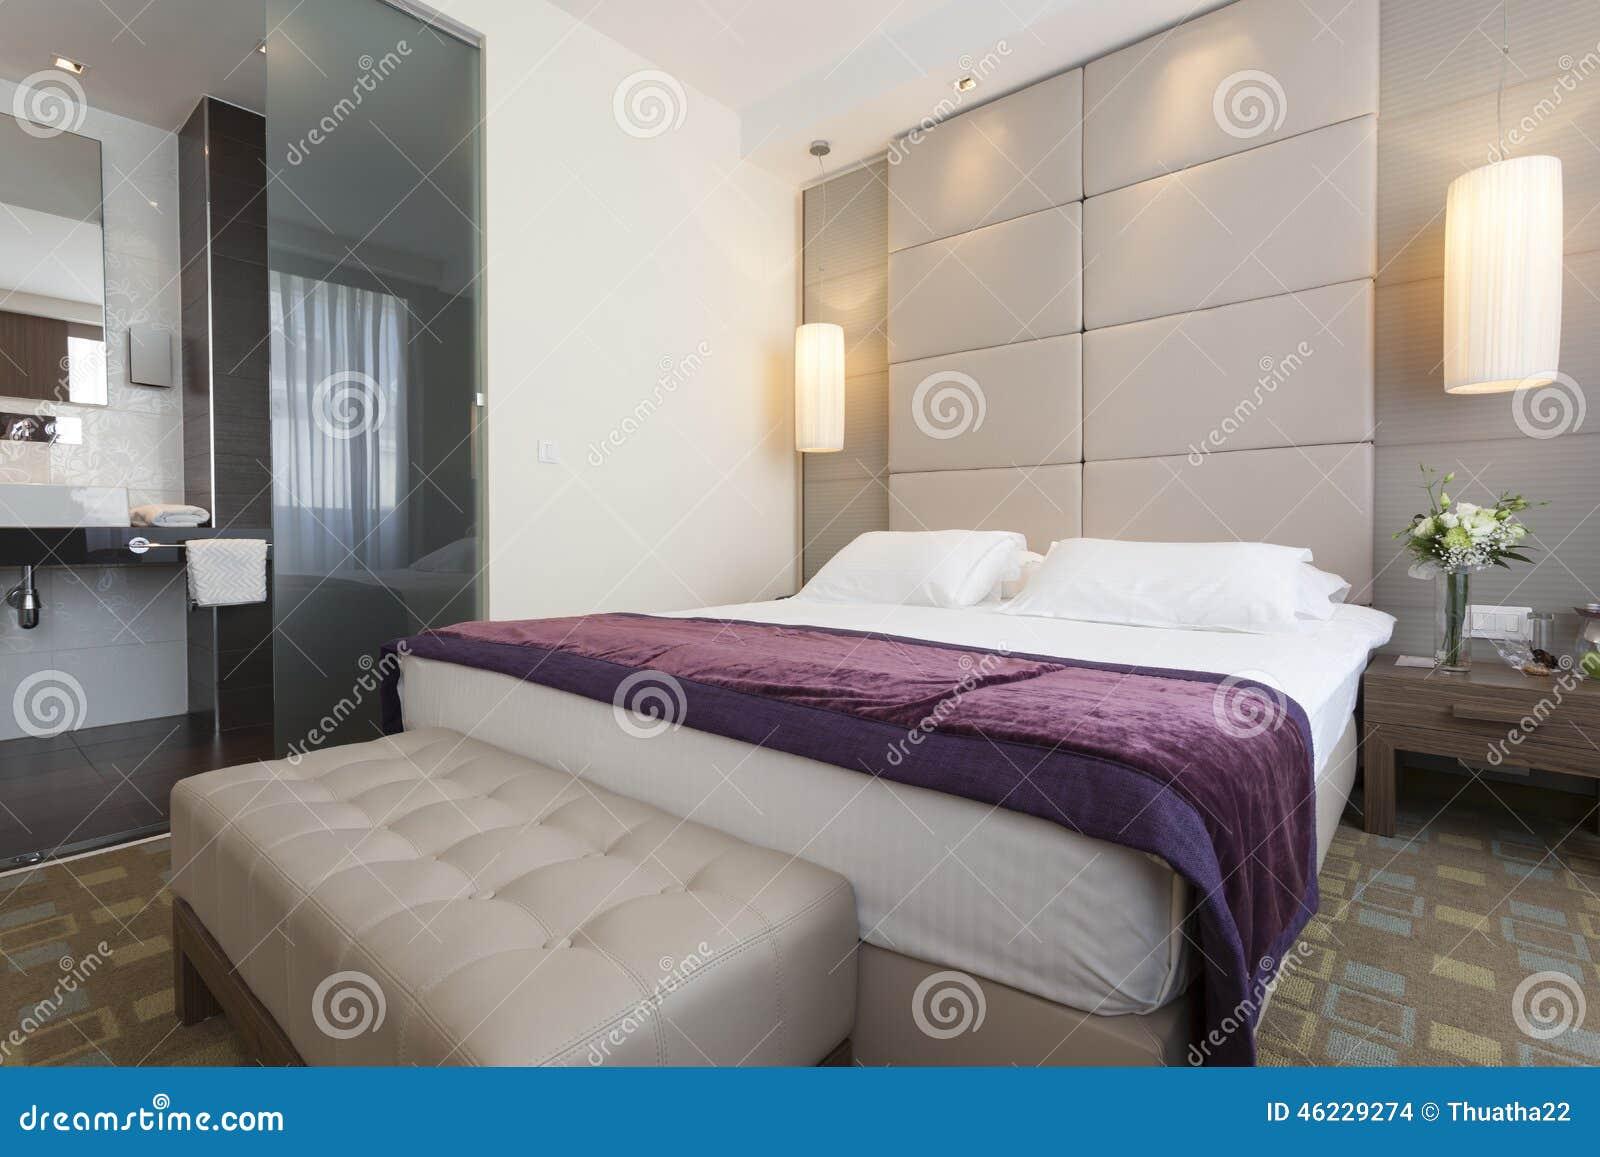 Camera Da Letto E Stanza Da Bagno Dell\'appartamento Di Lusso ...